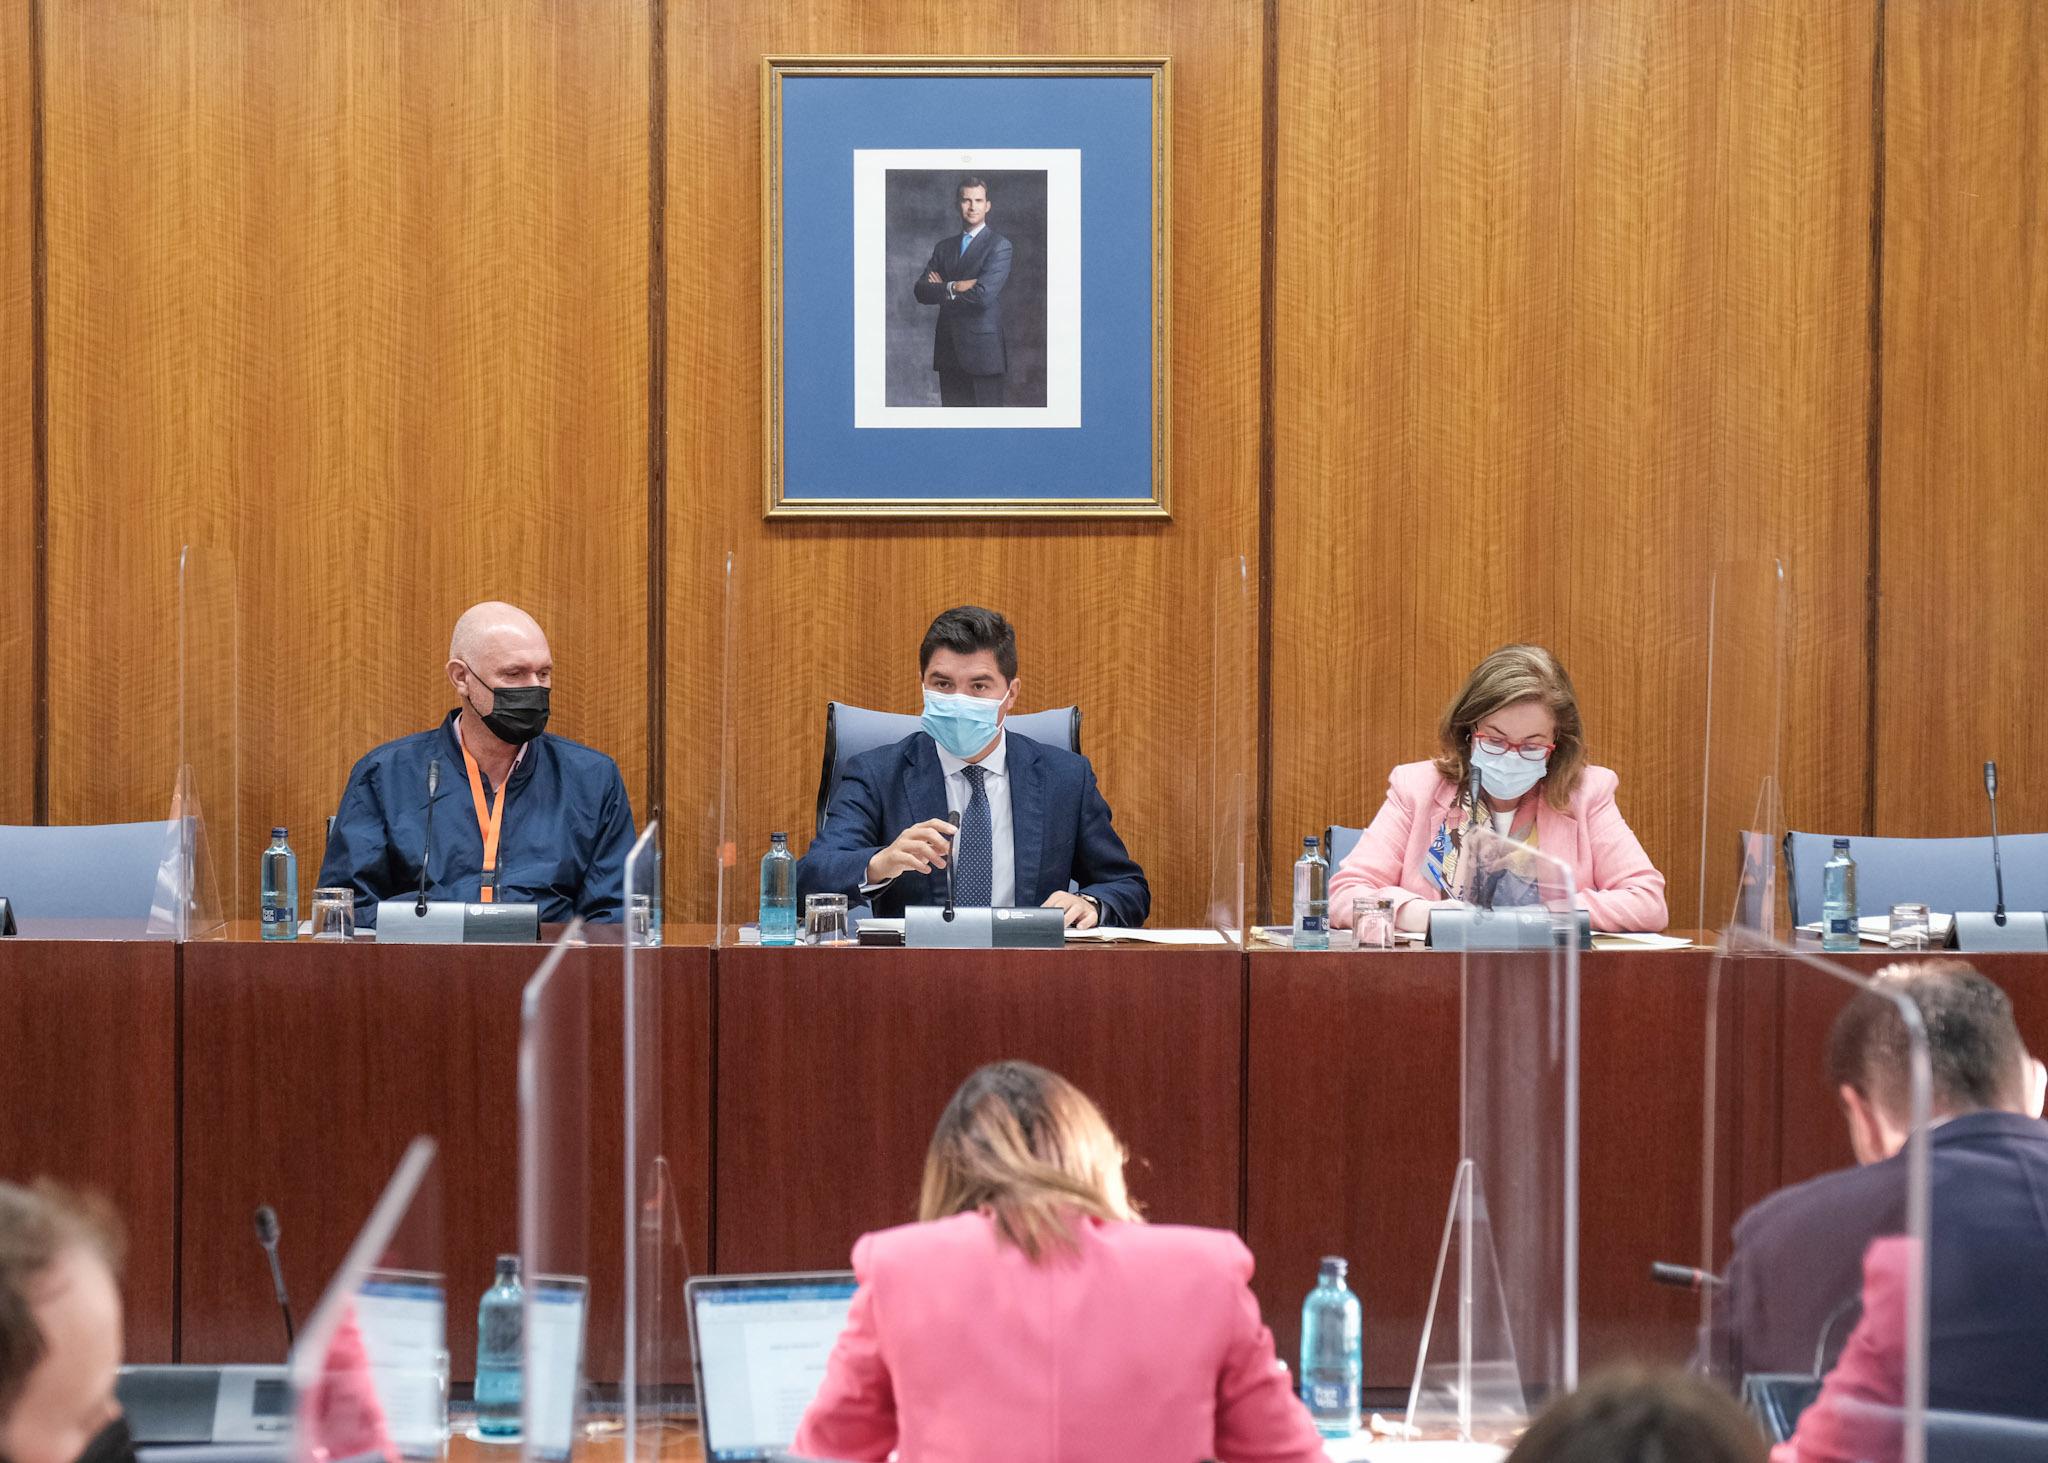 El ex chófer de Villén, Juan Carlos Carrillo, a la izquierda, este viernes en la comisión parlamentaria de la Faffe.